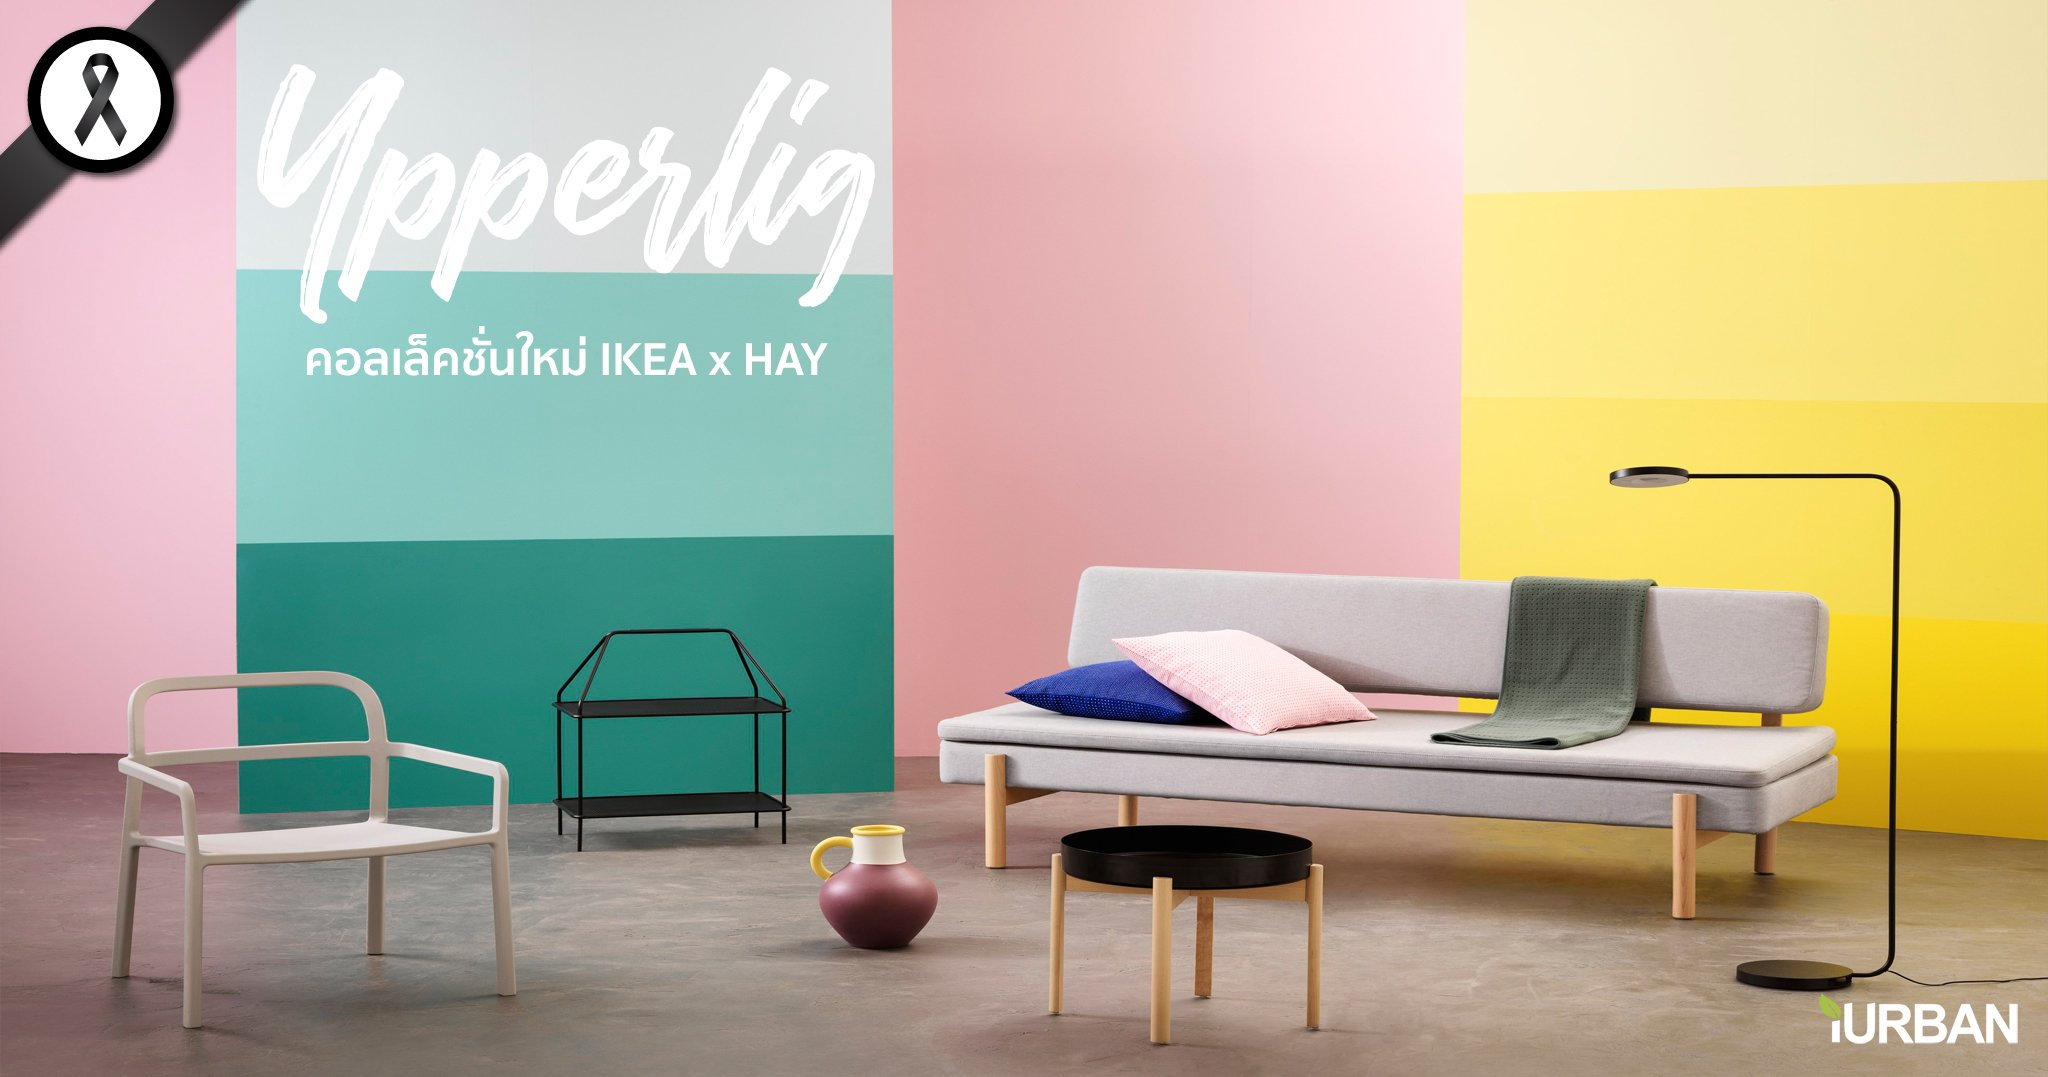 """IKEA x HAY สร้างสรรค์คอลเล็คชั่นใหม่ """"อิปเปอร์ลิก"""" เฟอร์นิเจอร์สไตล์สแกนดิเนเวีย 2 - Advertorial"""